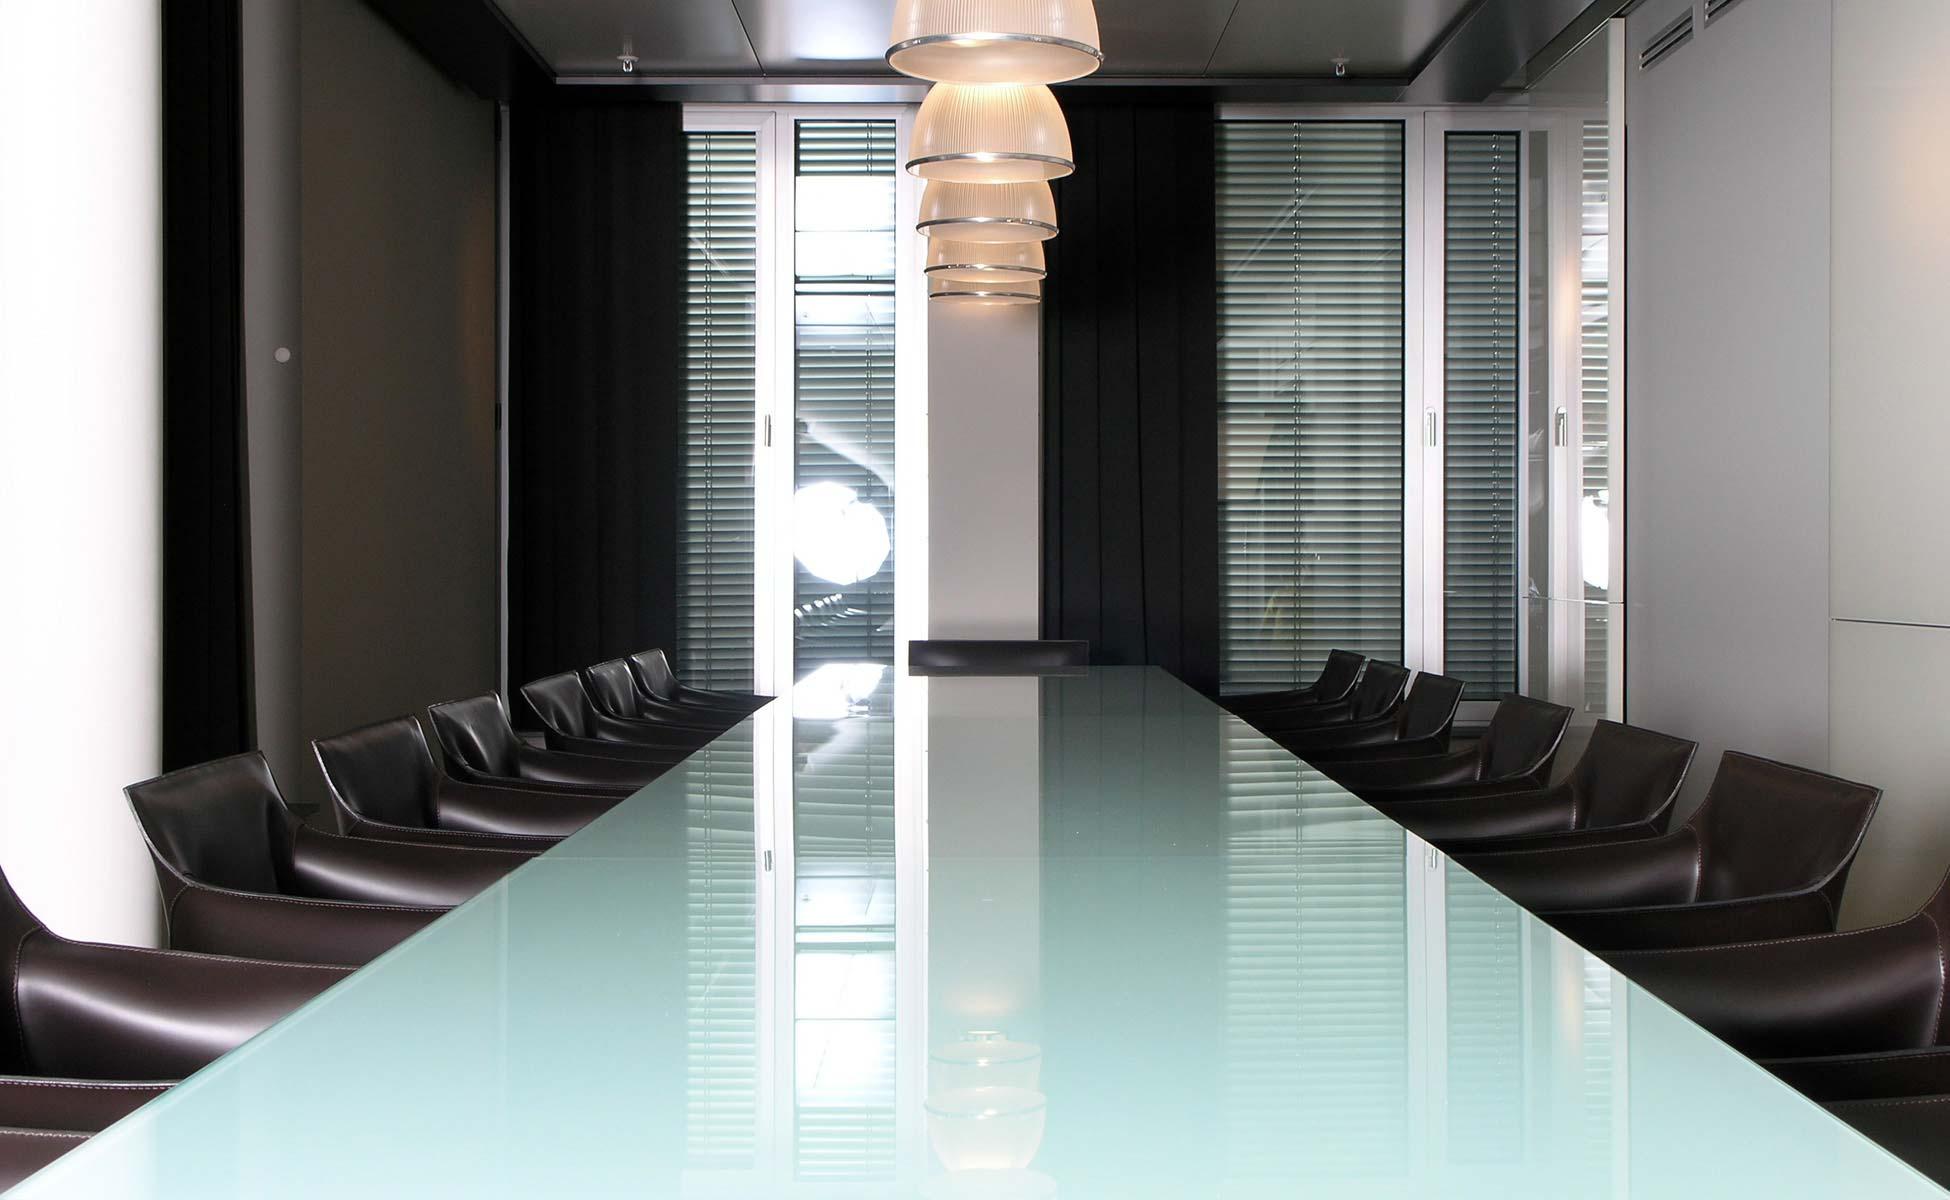 Lounge + Lobby Einrichtung MatteoGrassi + Knoll International Konferenz Tisch von steidten+ Berlin